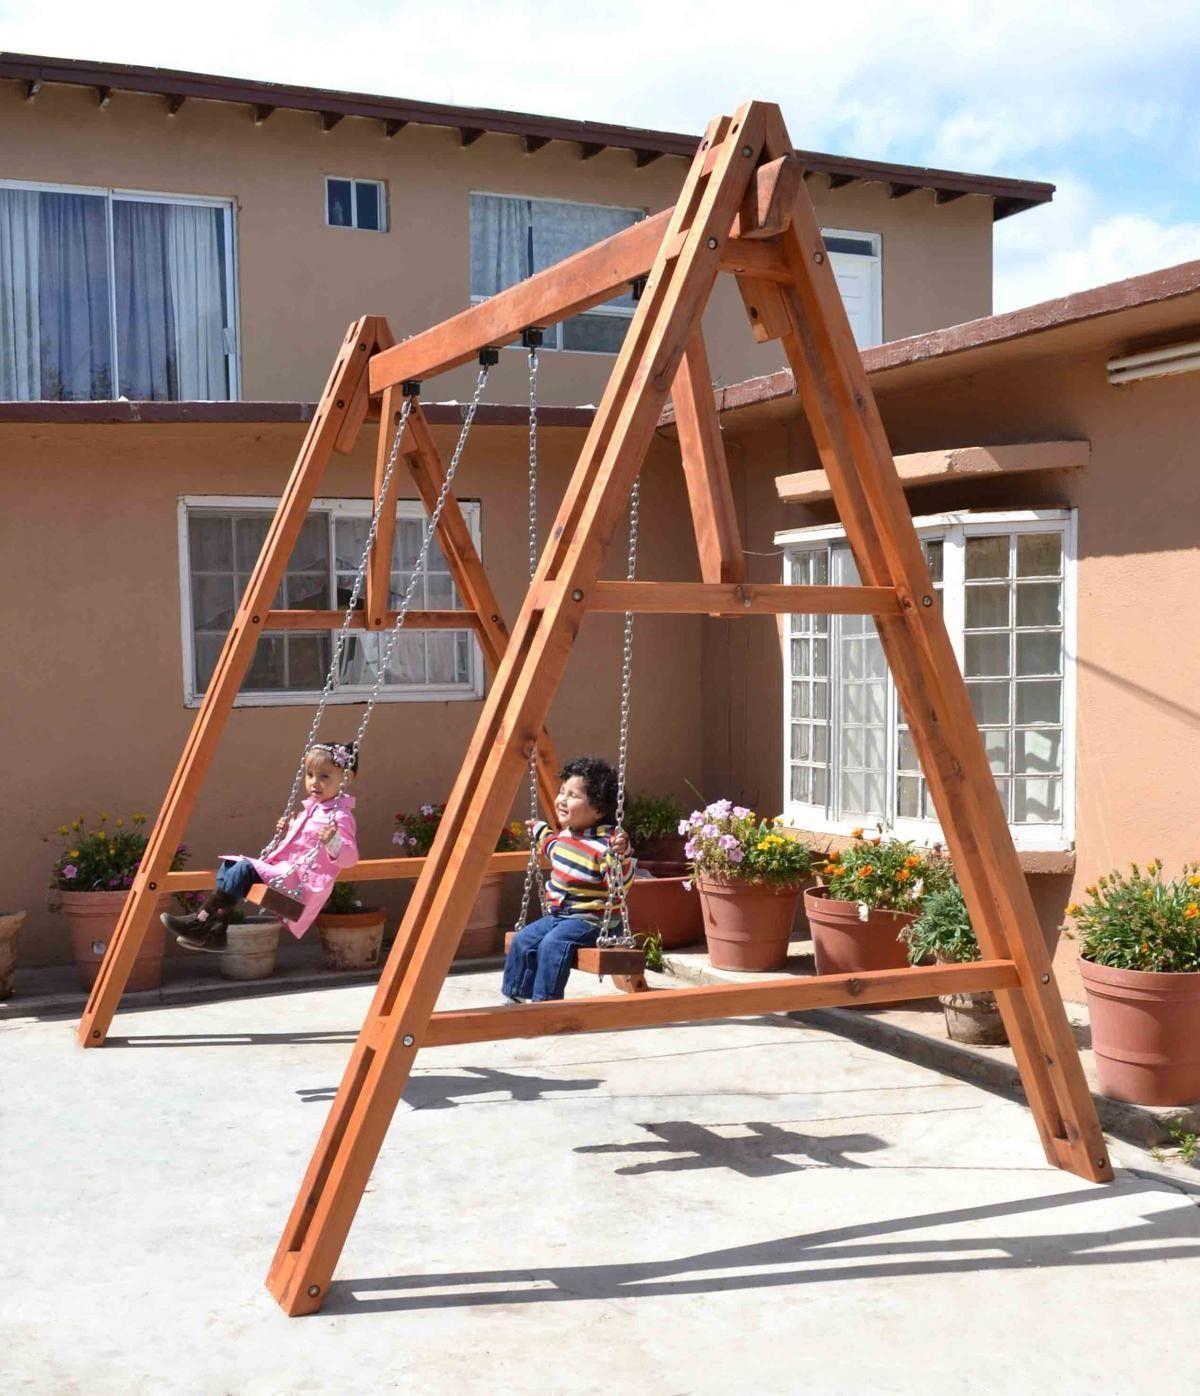 Swing Set | Backyard for kids, Swing set